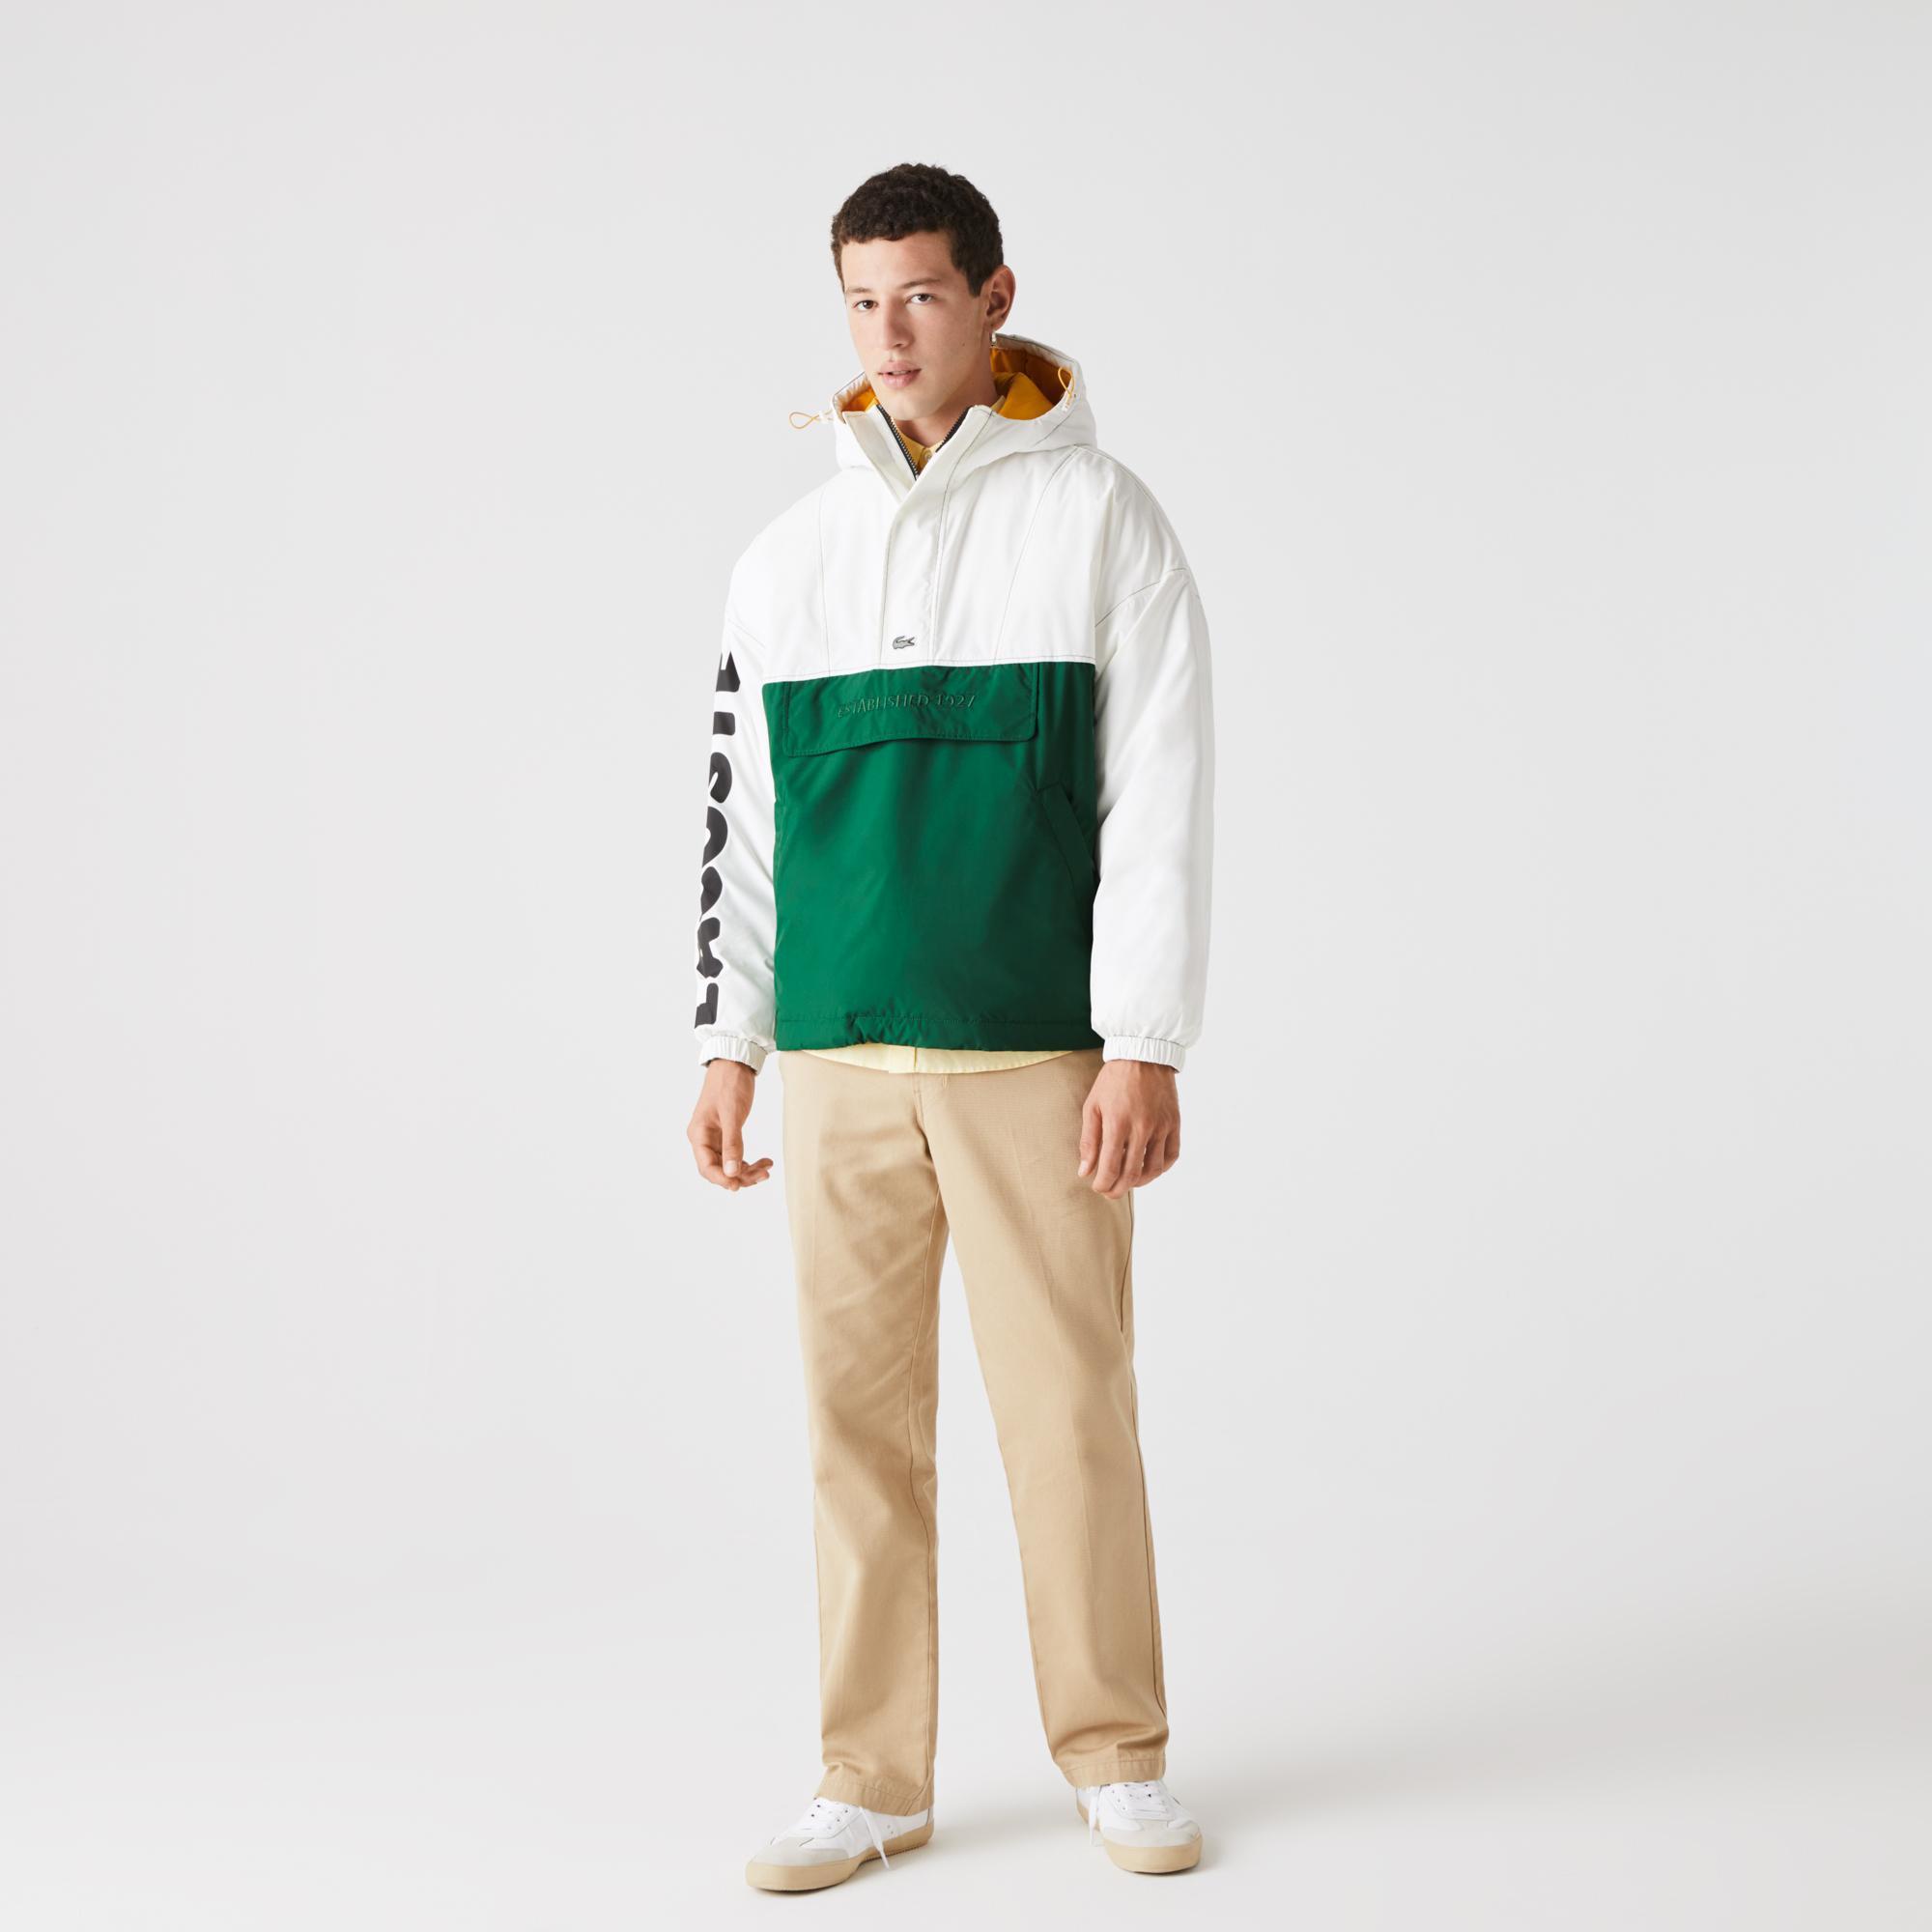 Lacoste L!VE Erkek Blok Desenli Baskılı Kapüşonlu Suya Dayanıklı Beyaz-Yeşil Mont